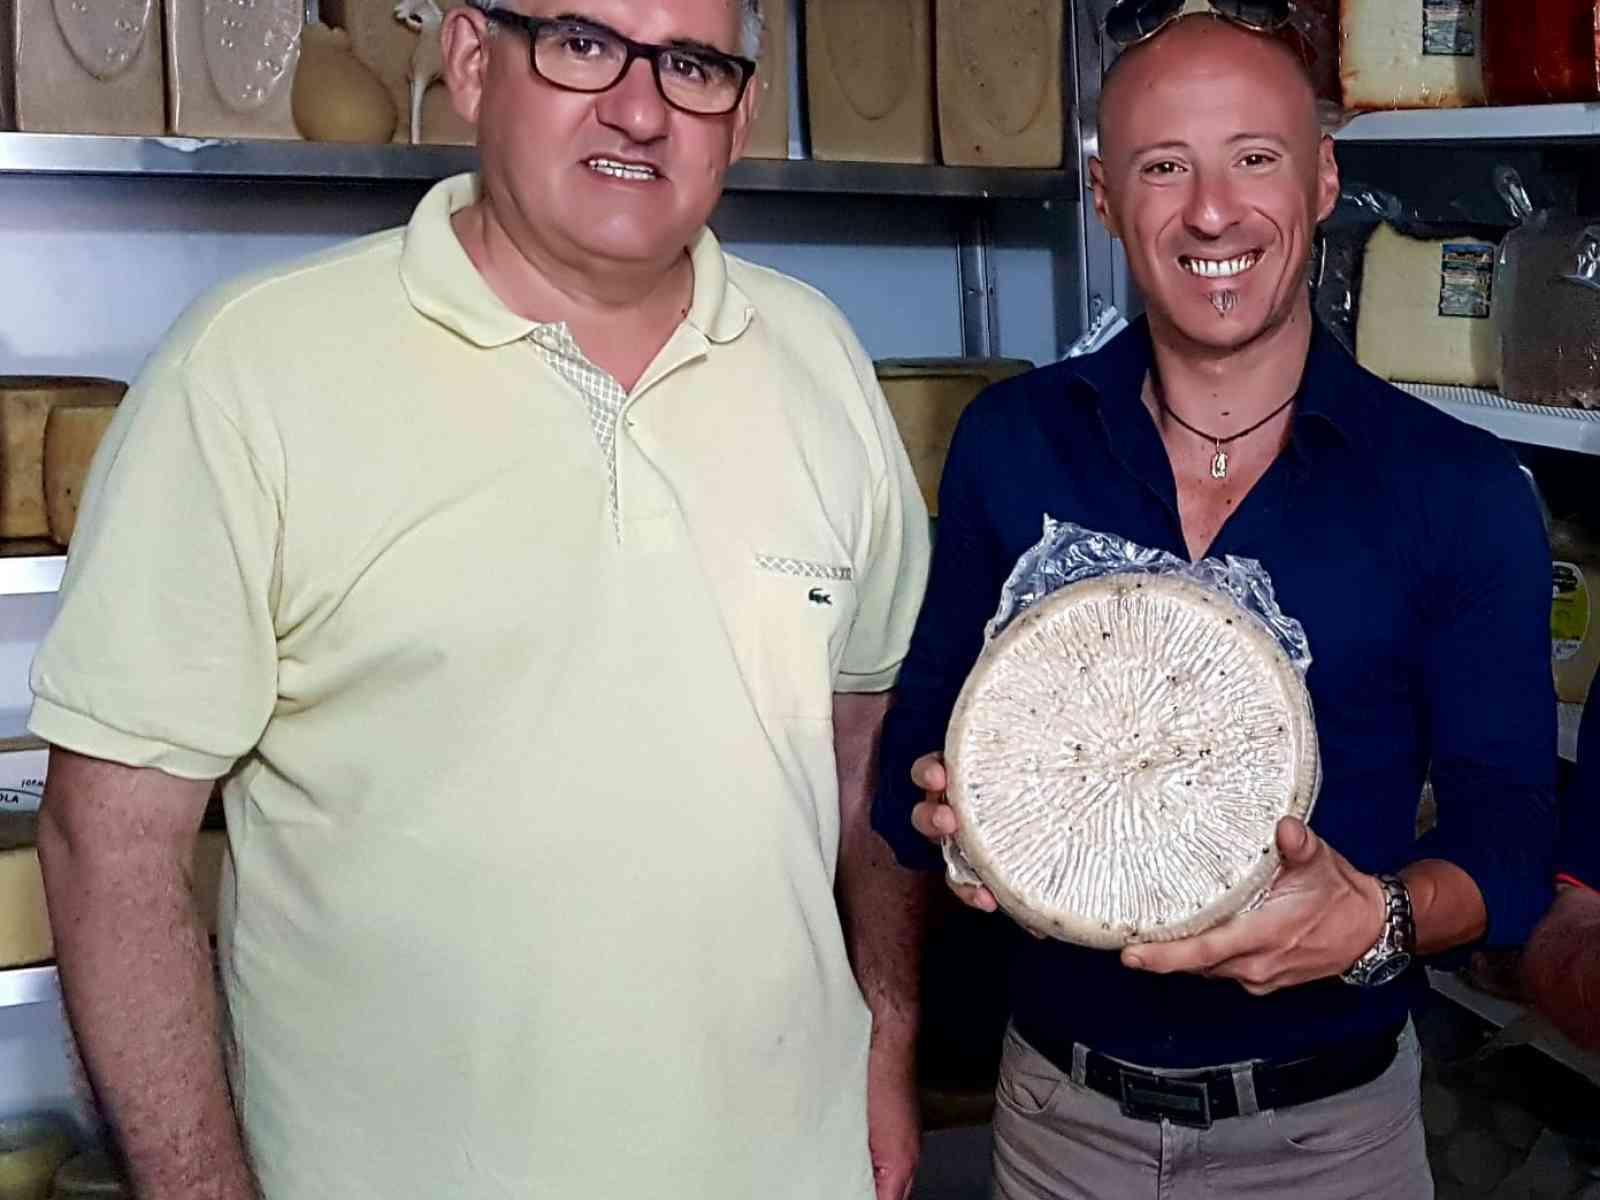 Immagine articolo: Via al tour delle aziende agricole e zootecniche del territorio siciliano da parte di Ciro Miceli (Lega)